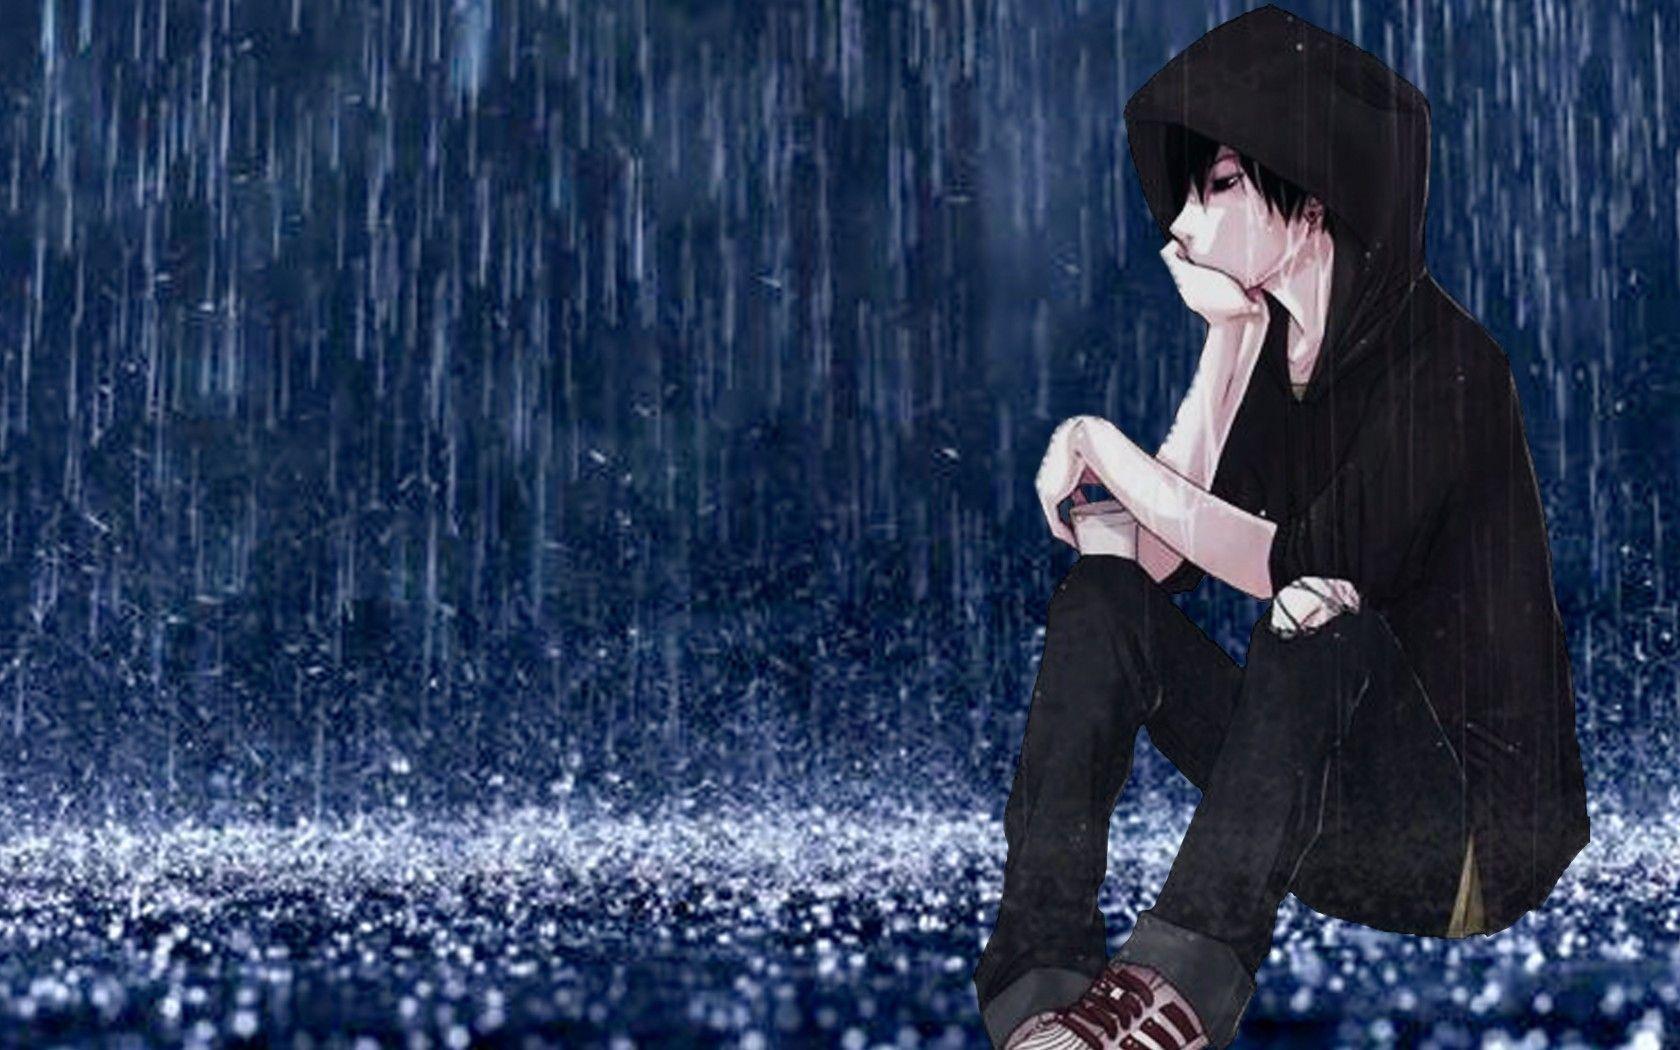 Hình nền Anime Cool Boy 1680x1050